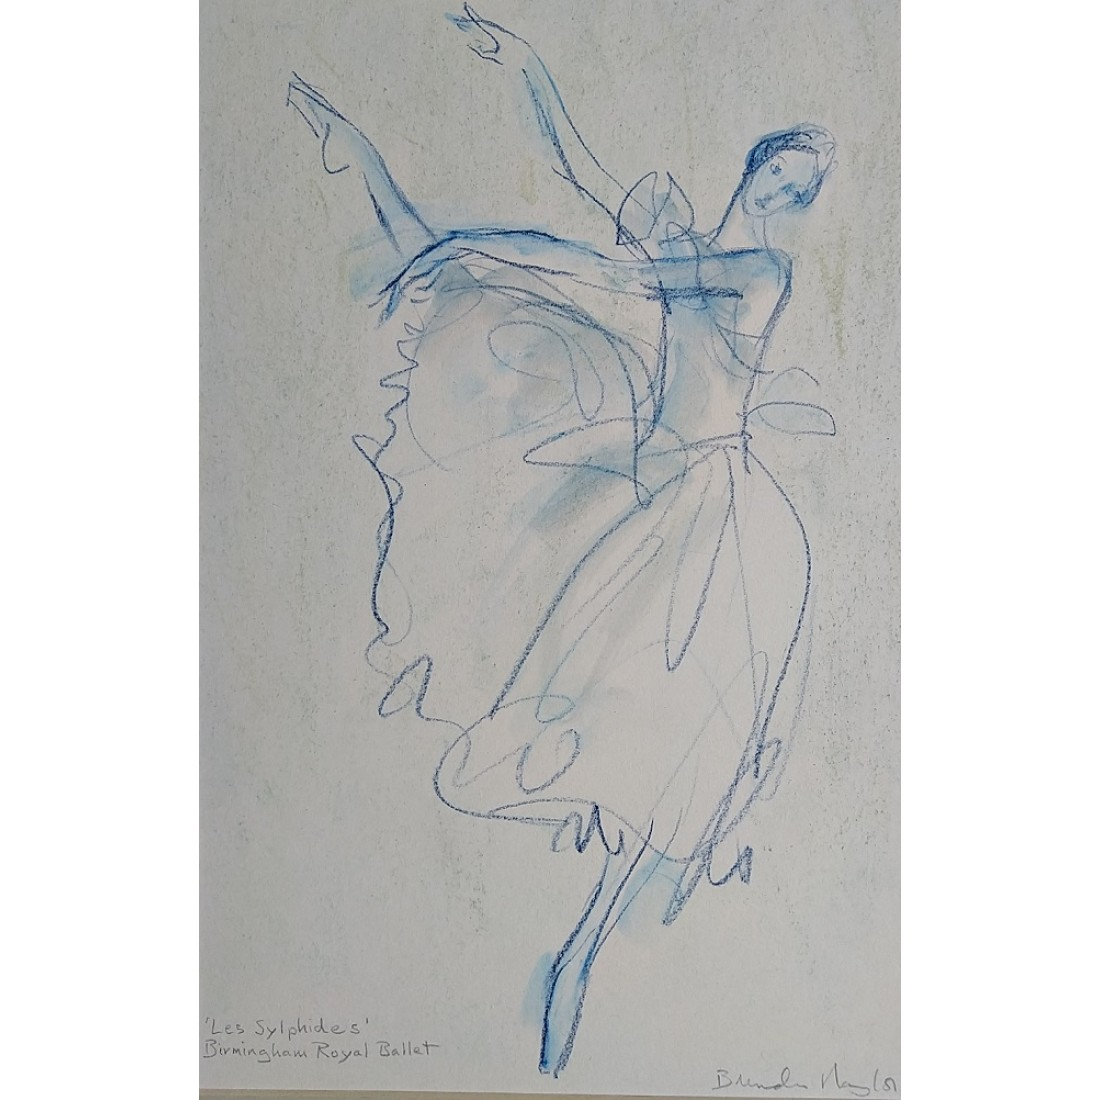 236 'Les Sylphides'